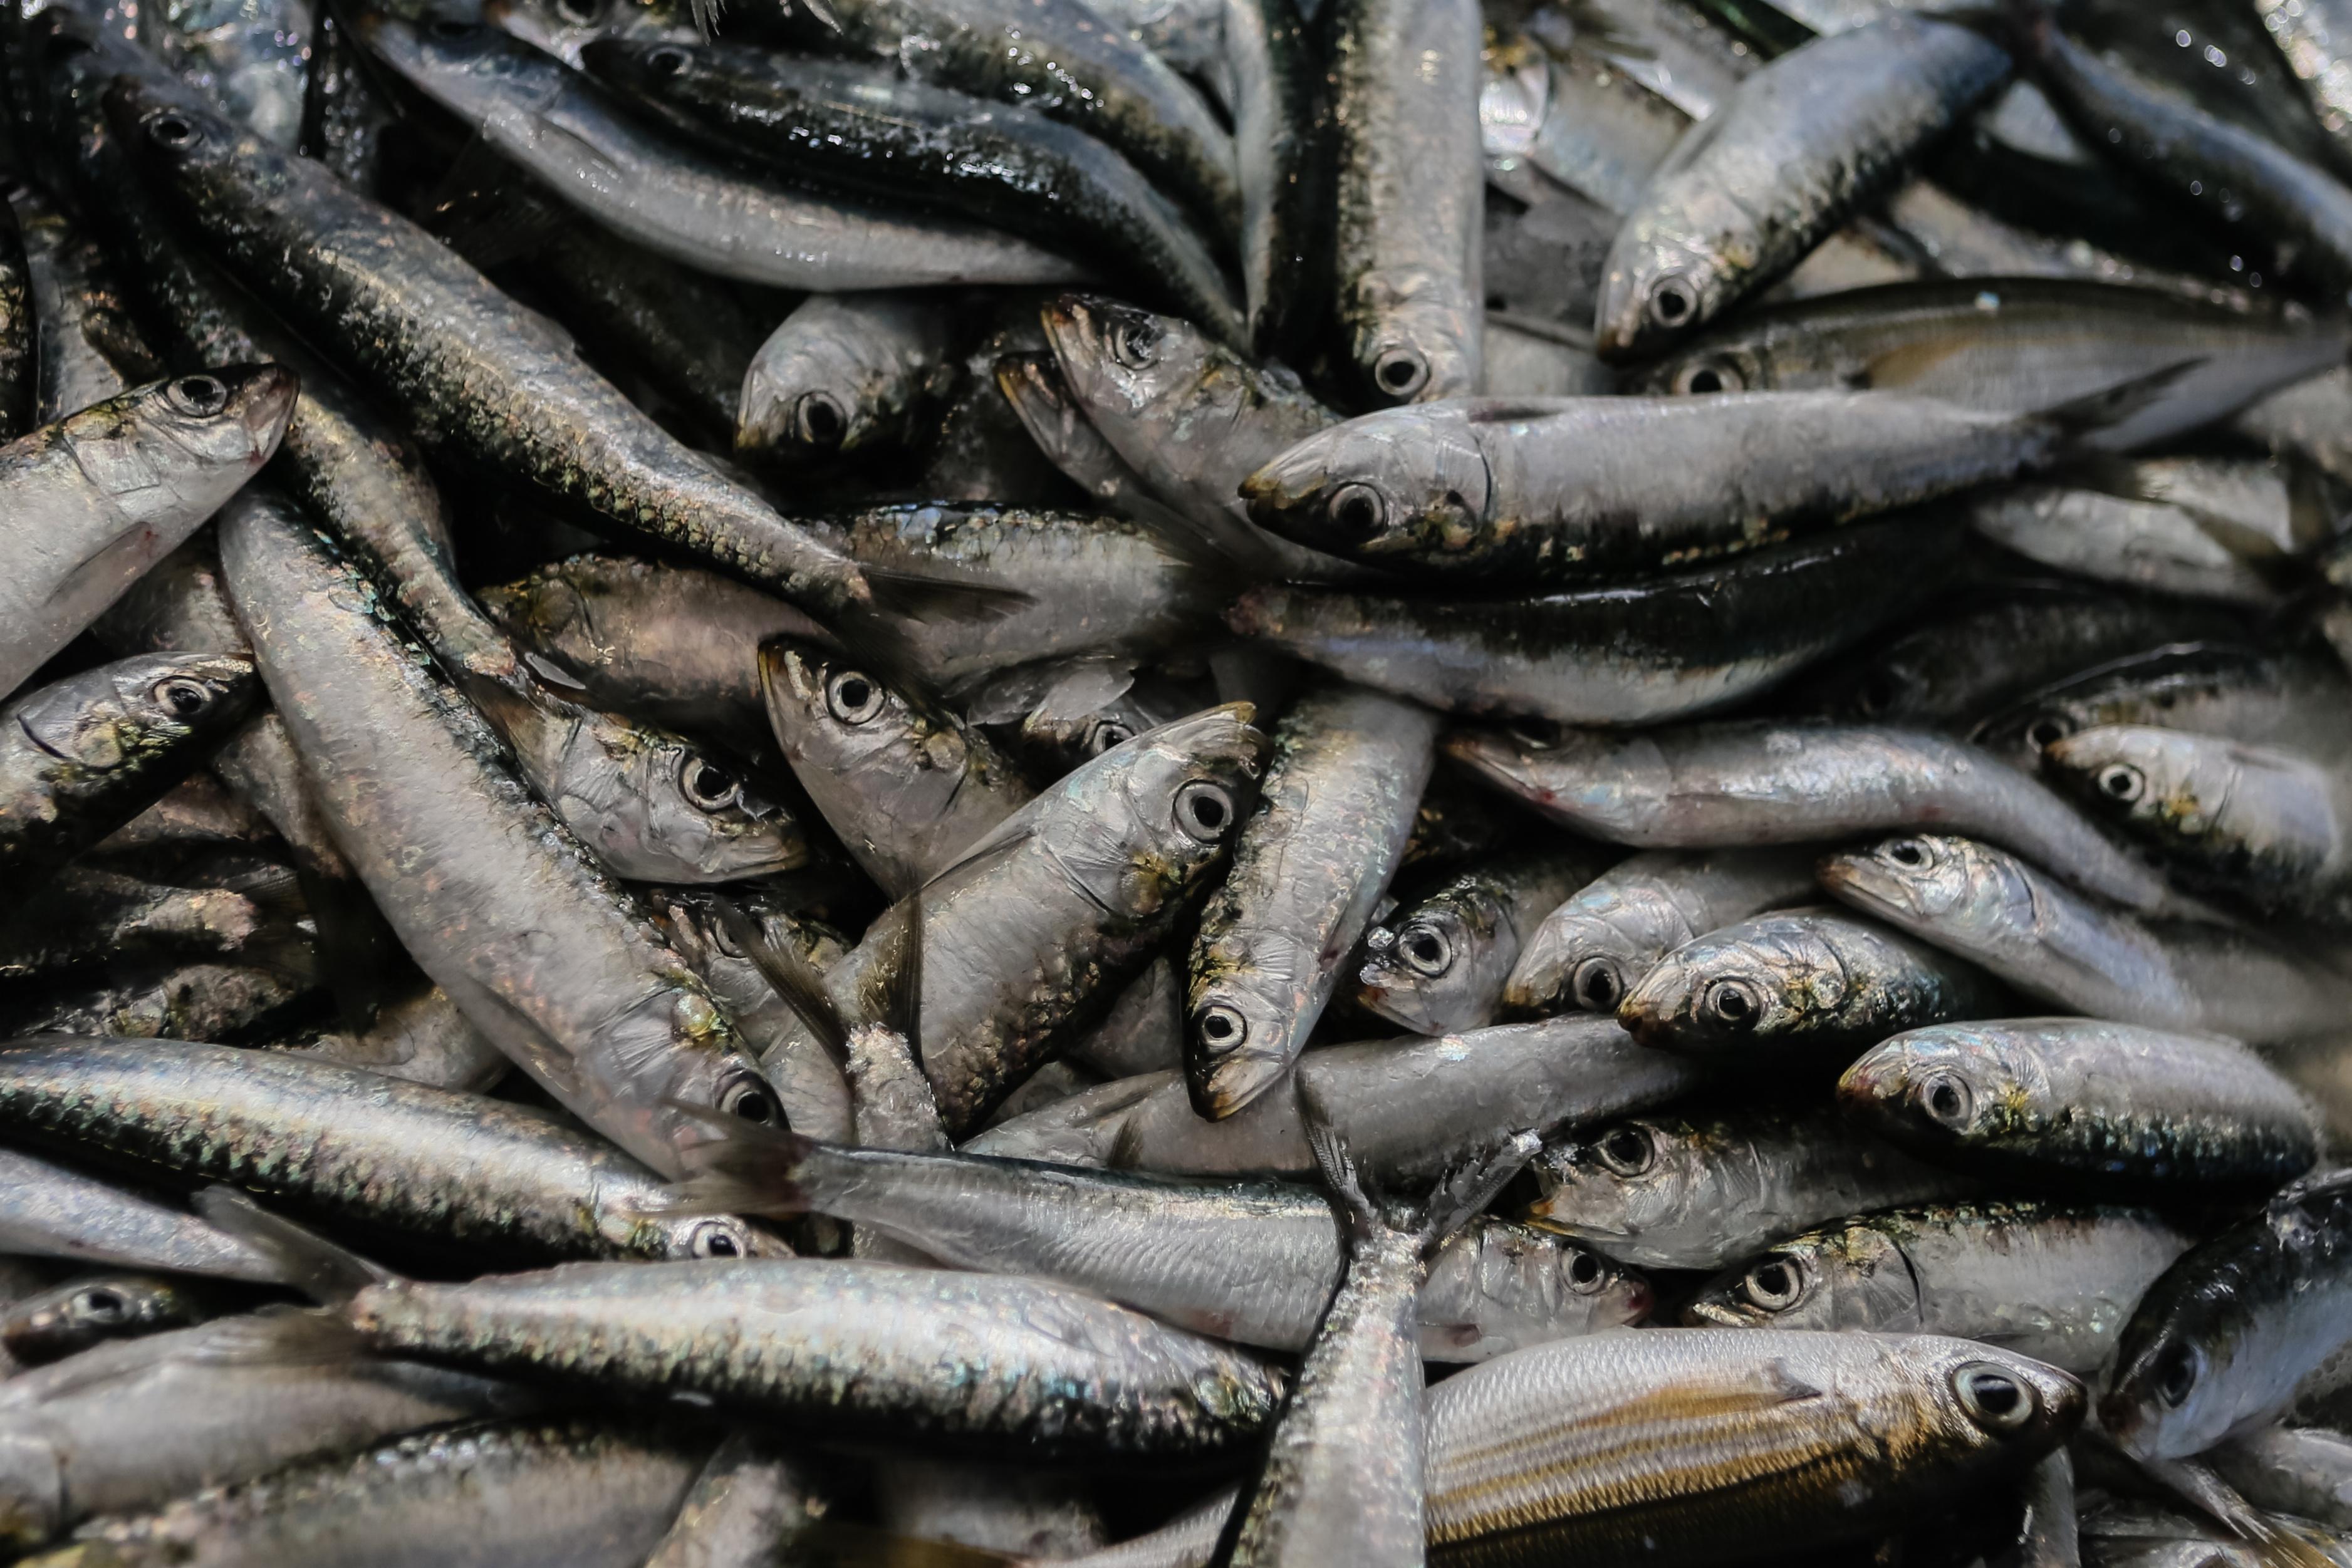 Governo paga este mês 800 mil euros aos pescadores por suspensão de captura da sardinha